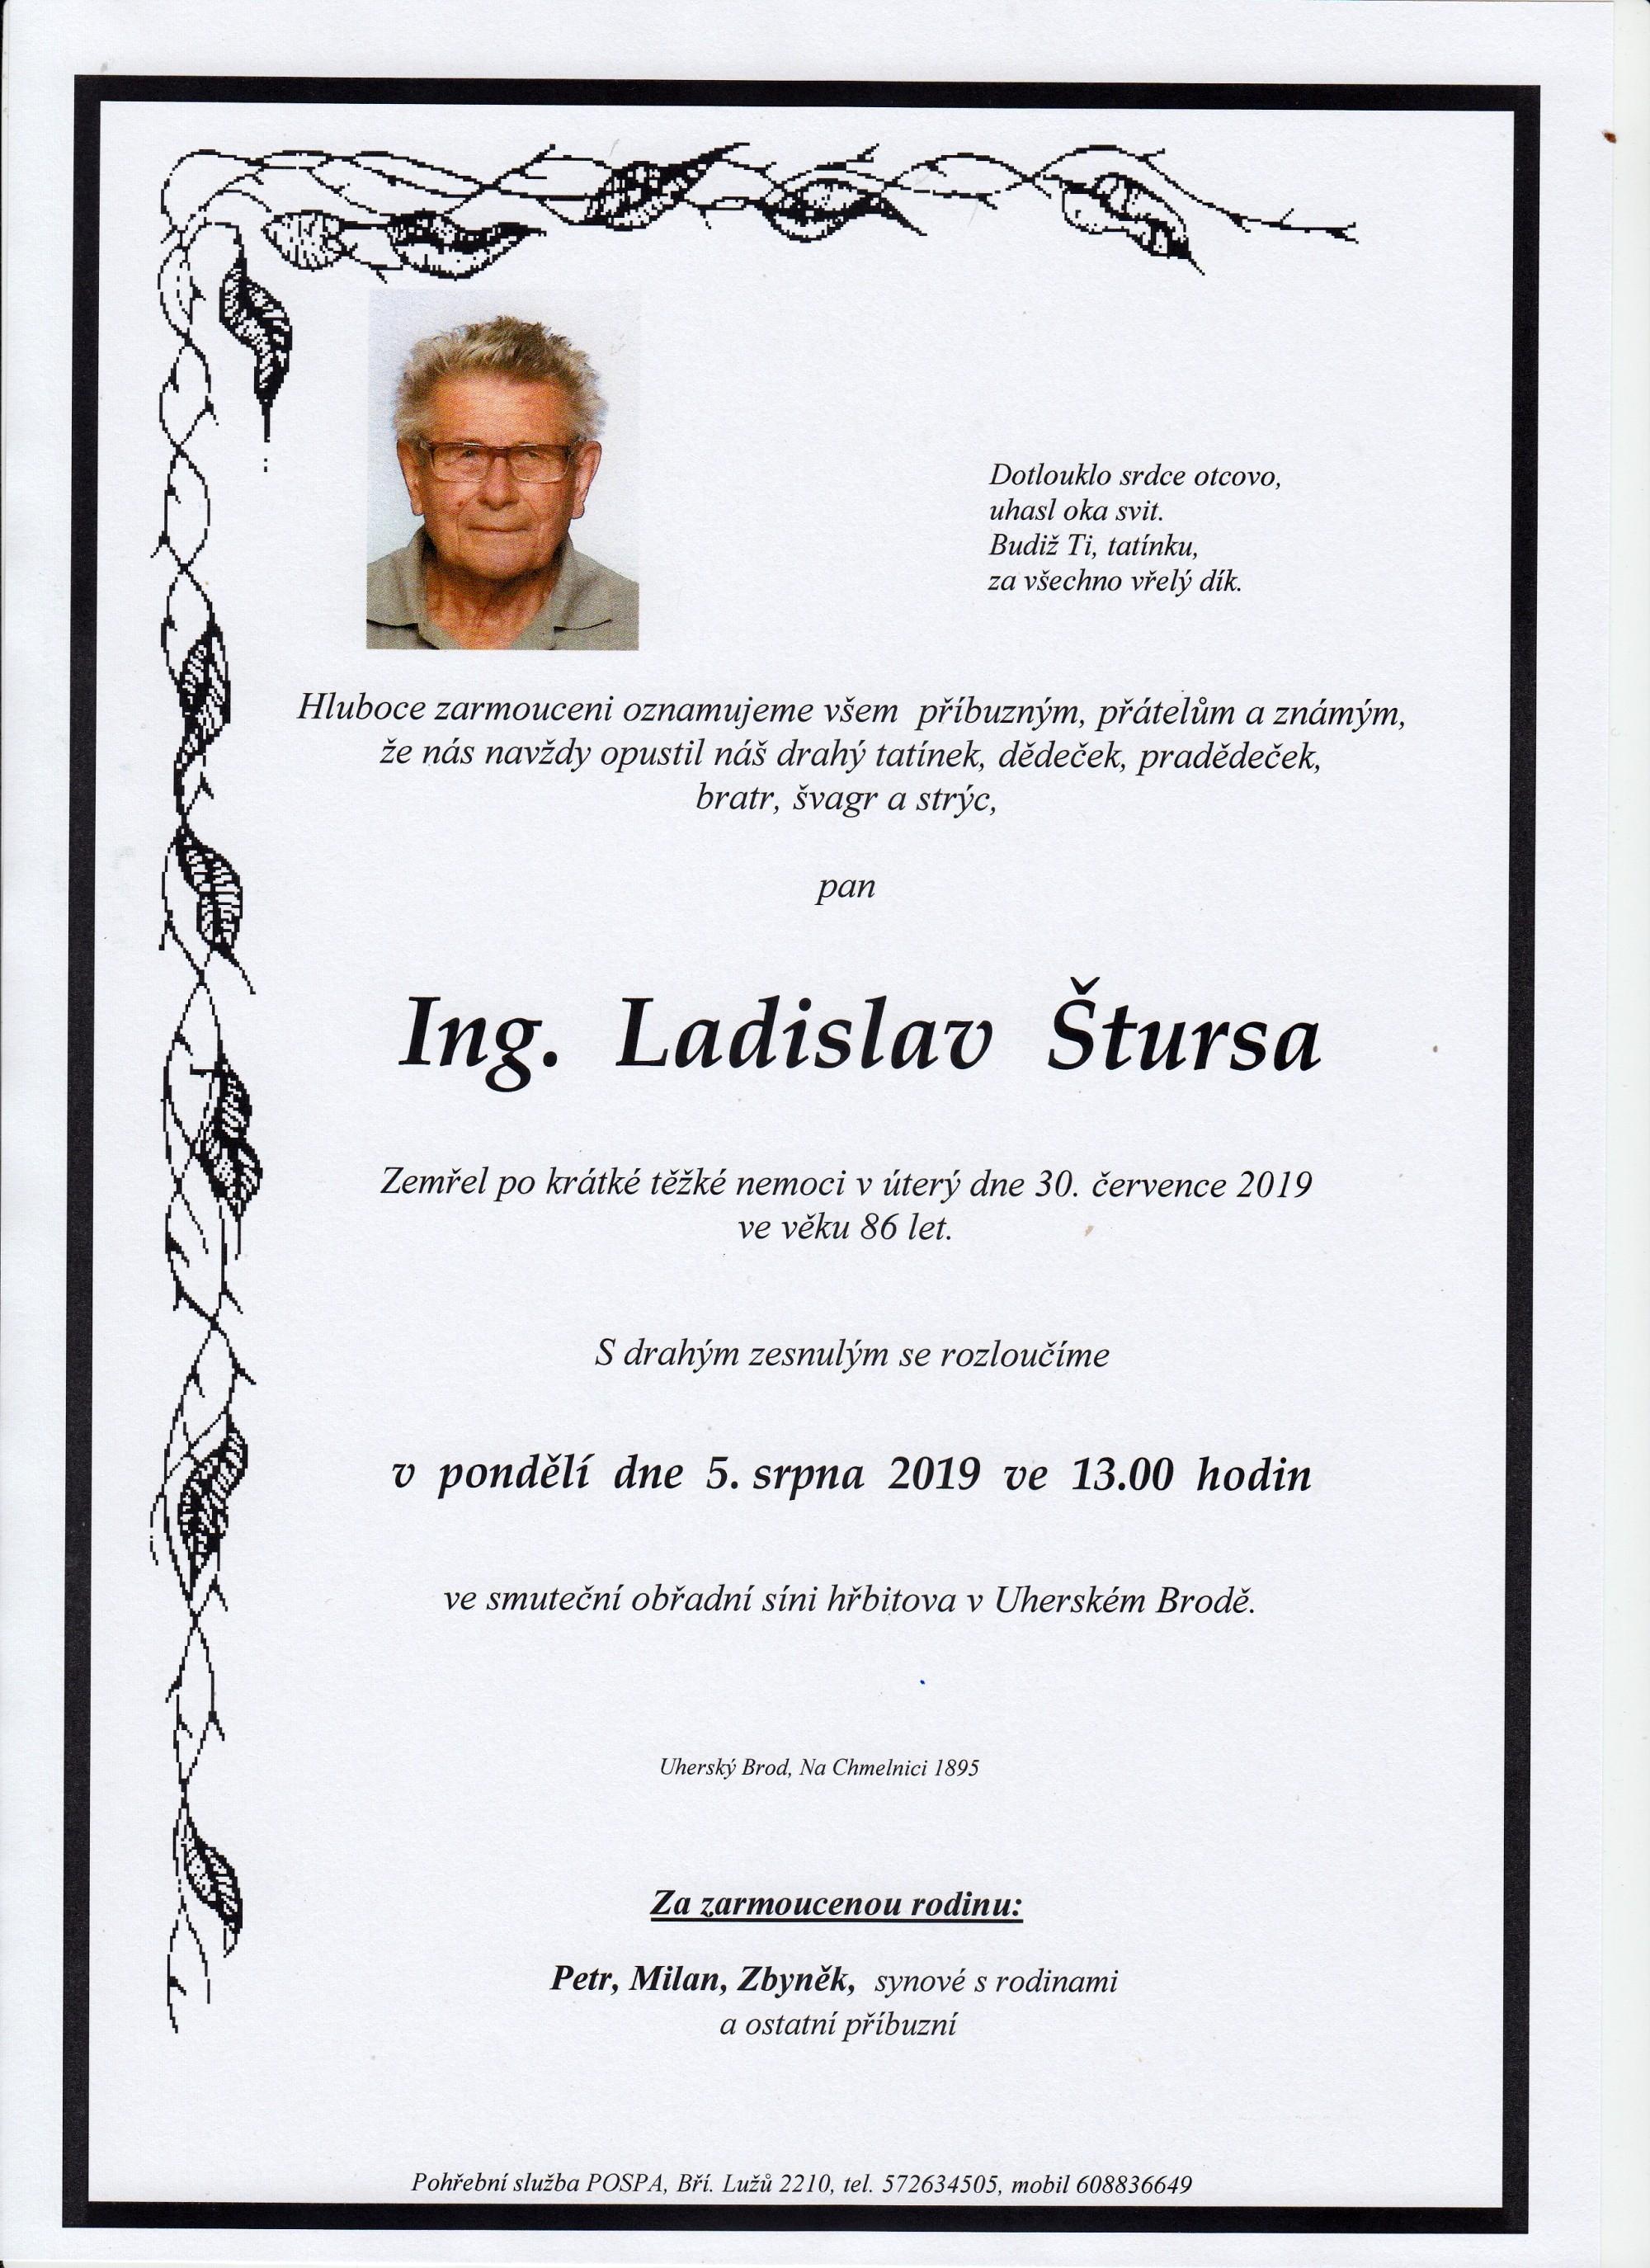 Ing. Ladislav Štursa